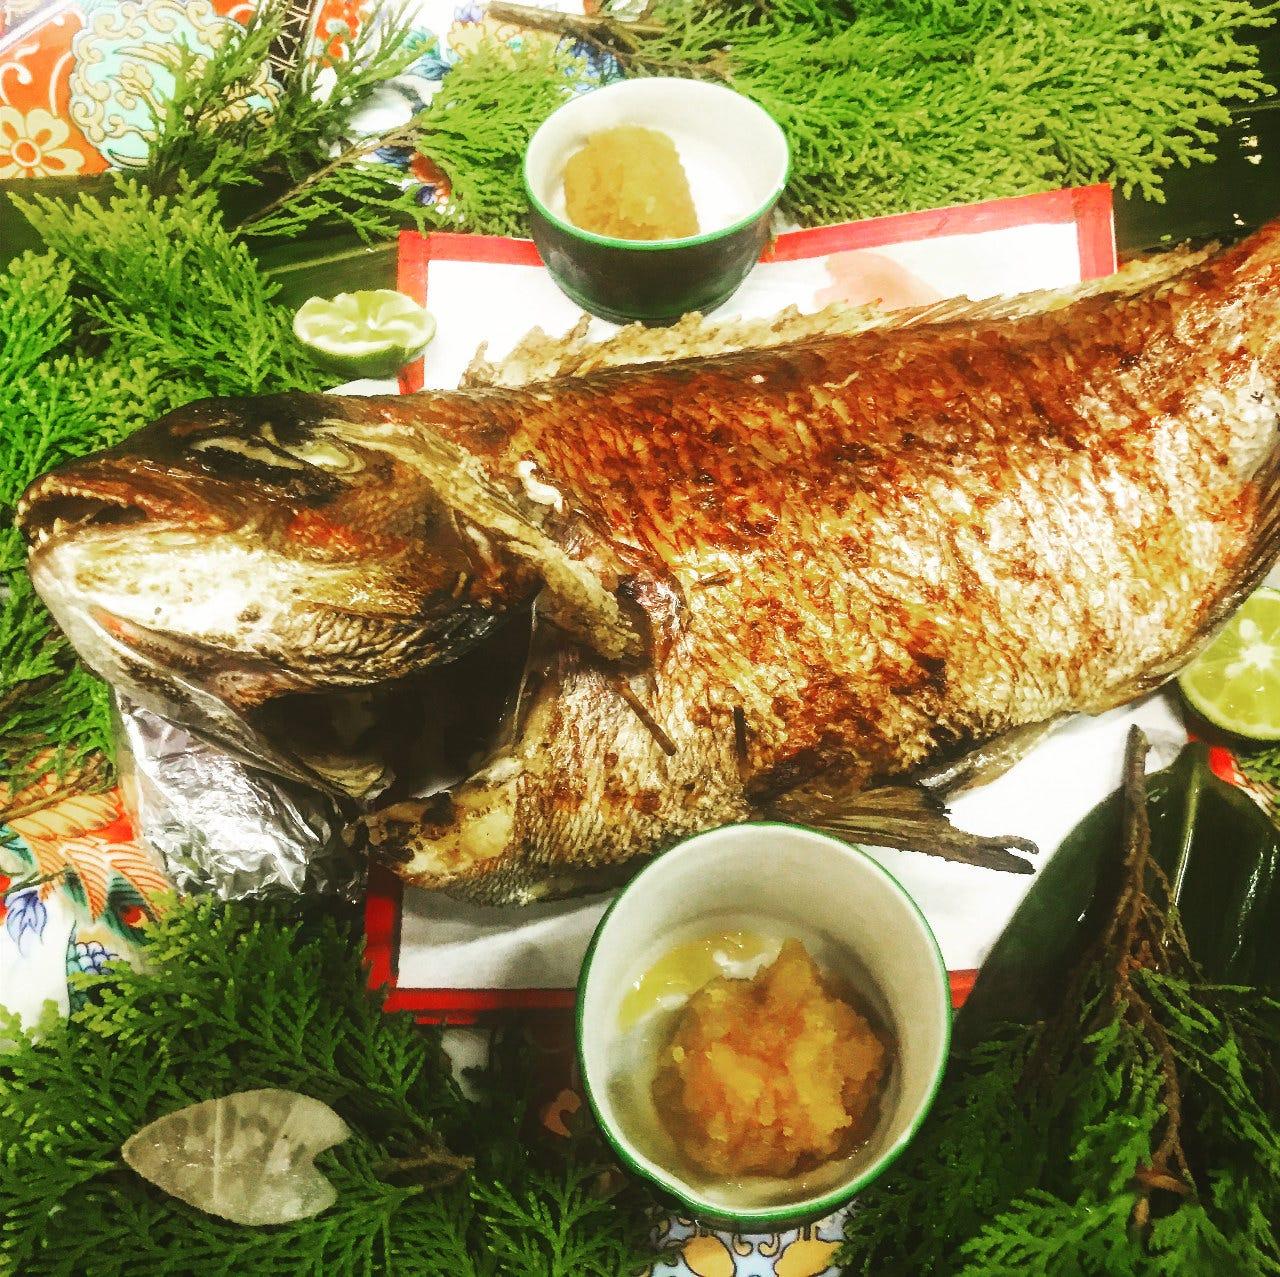 歓送迎会、記念日最適、鯛のコース